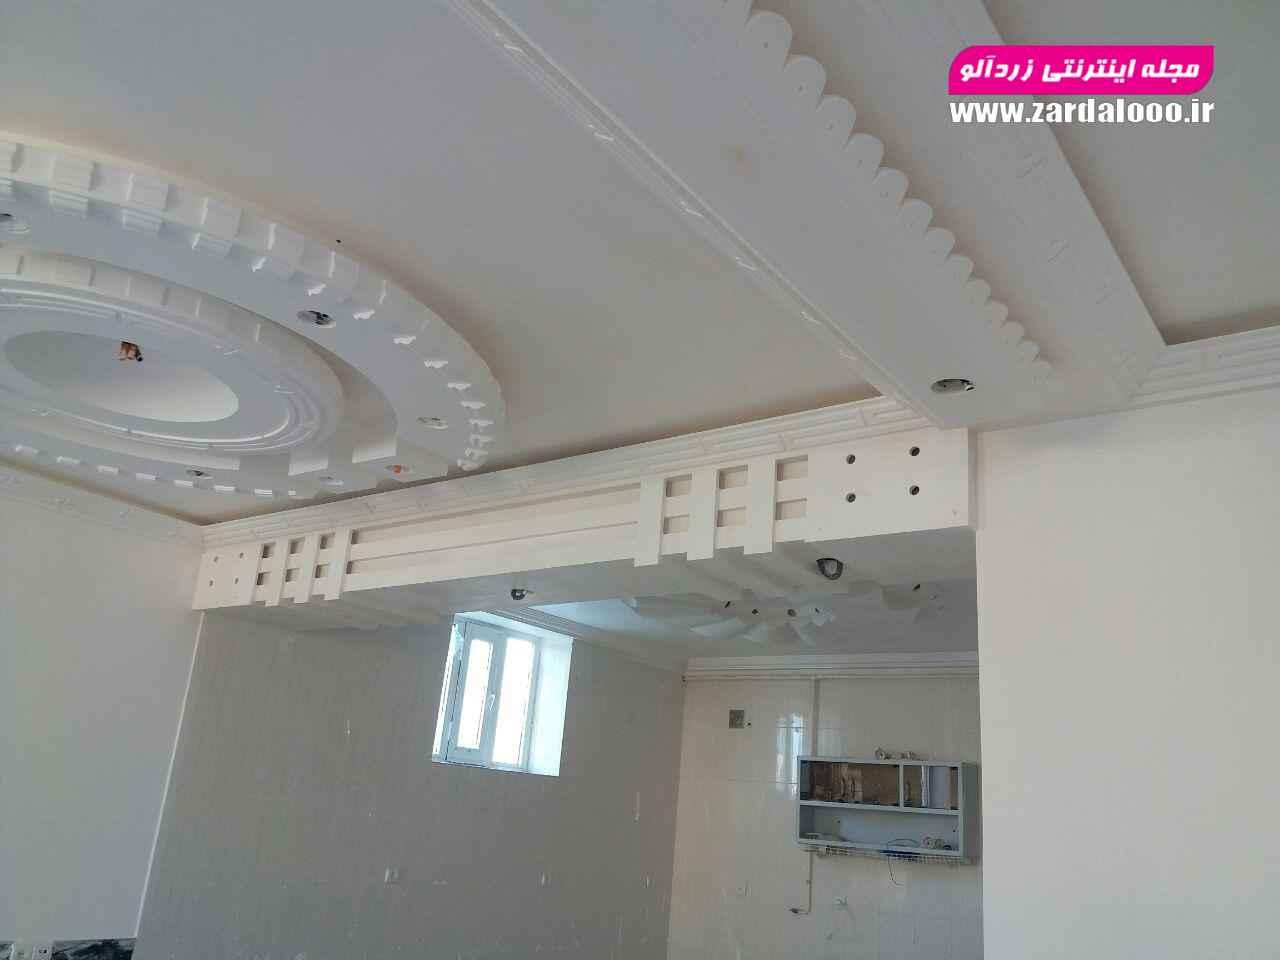 گچ کاری داخل ساختمان